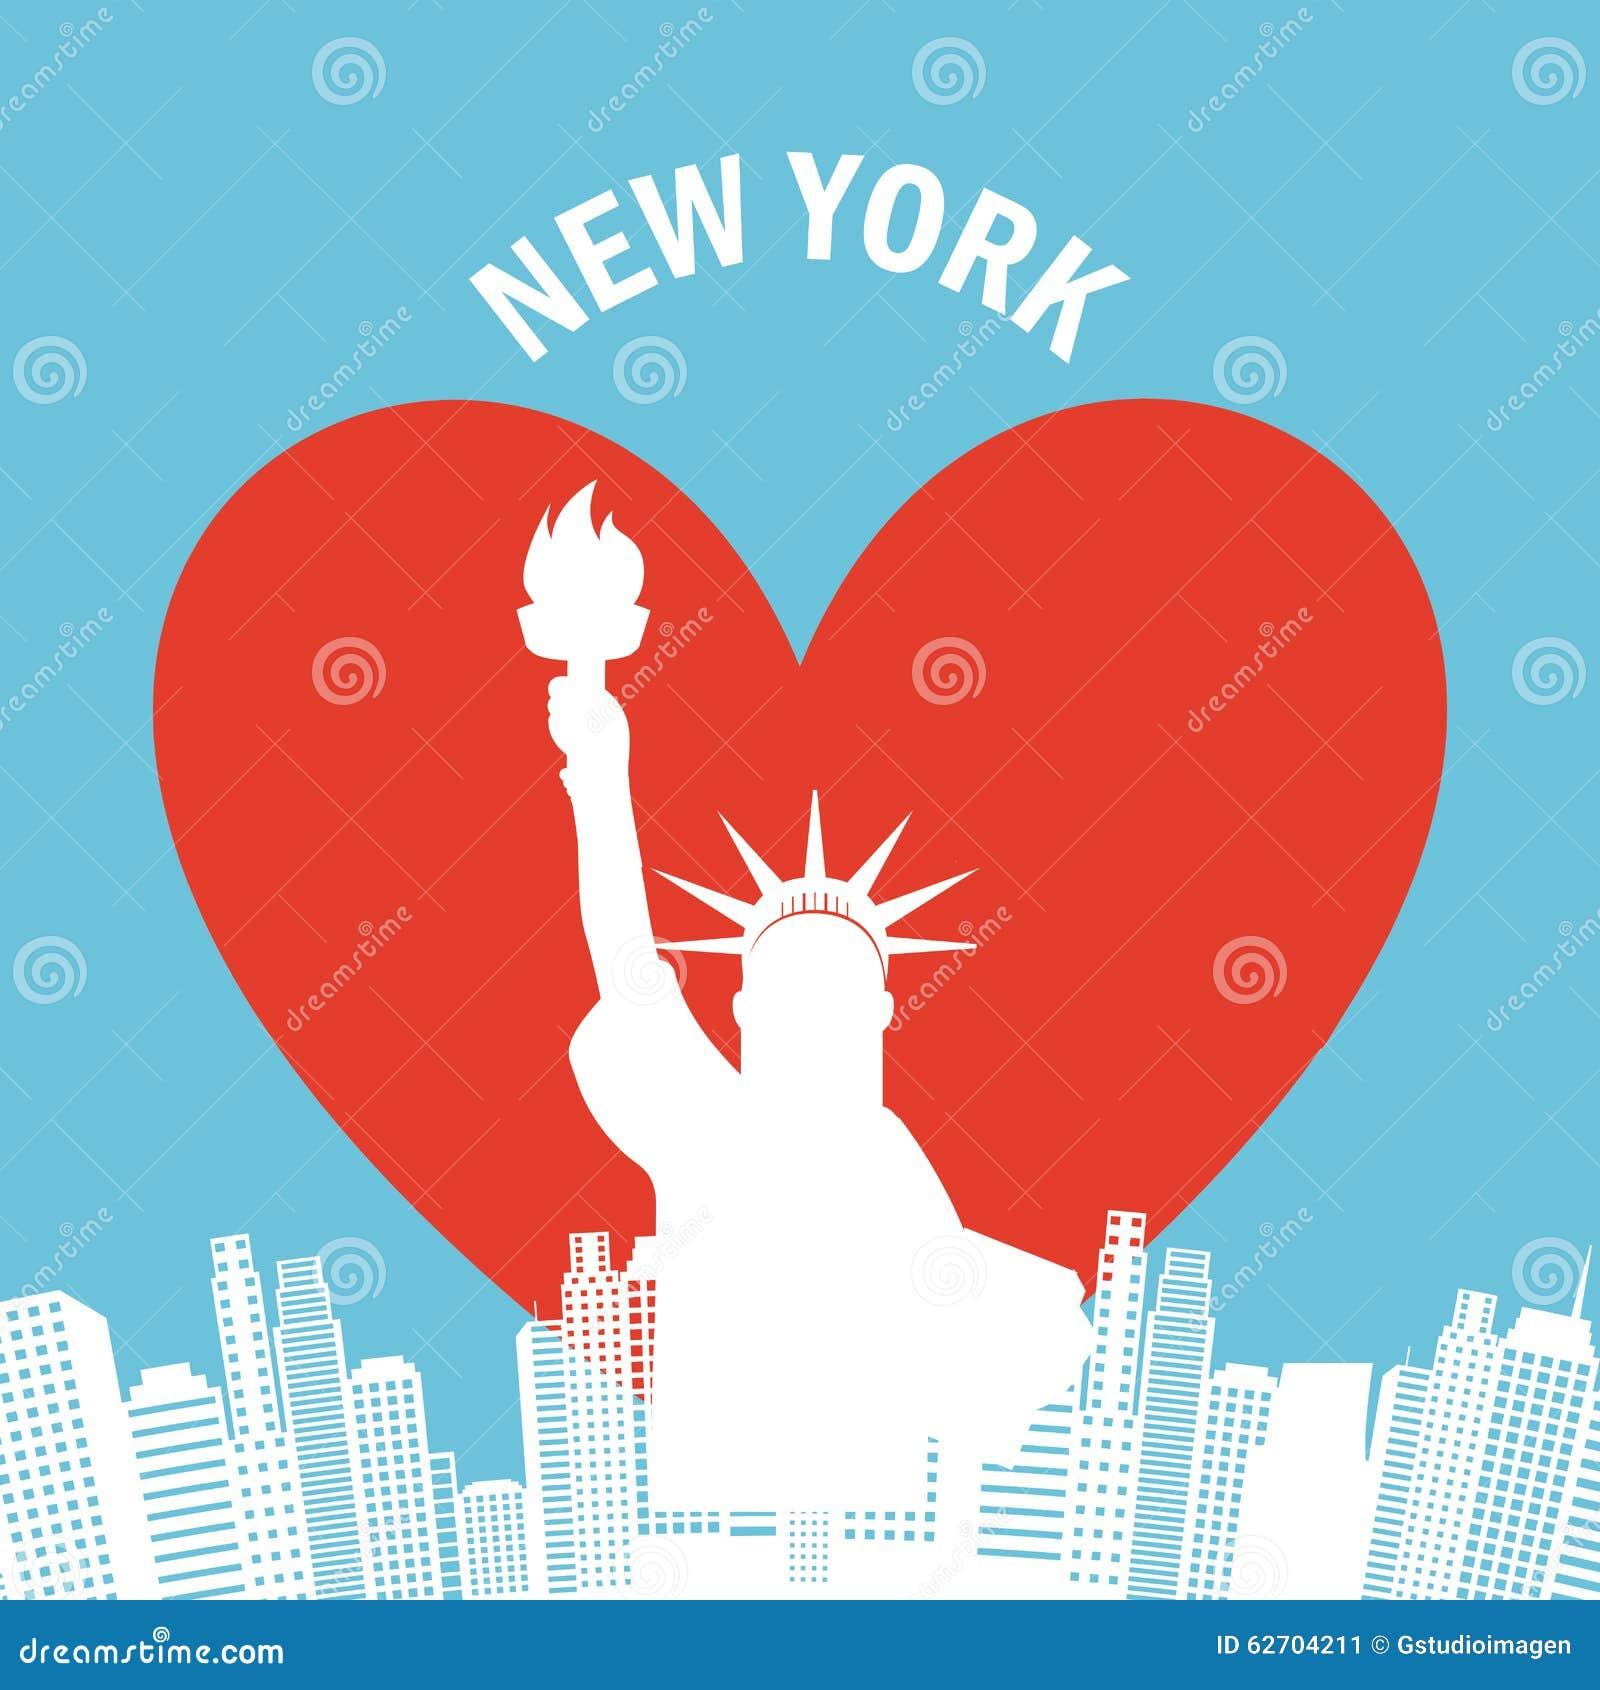 Σχέδιο των Ηνωμένων Πολιτειών και της Νέας Υόρκης